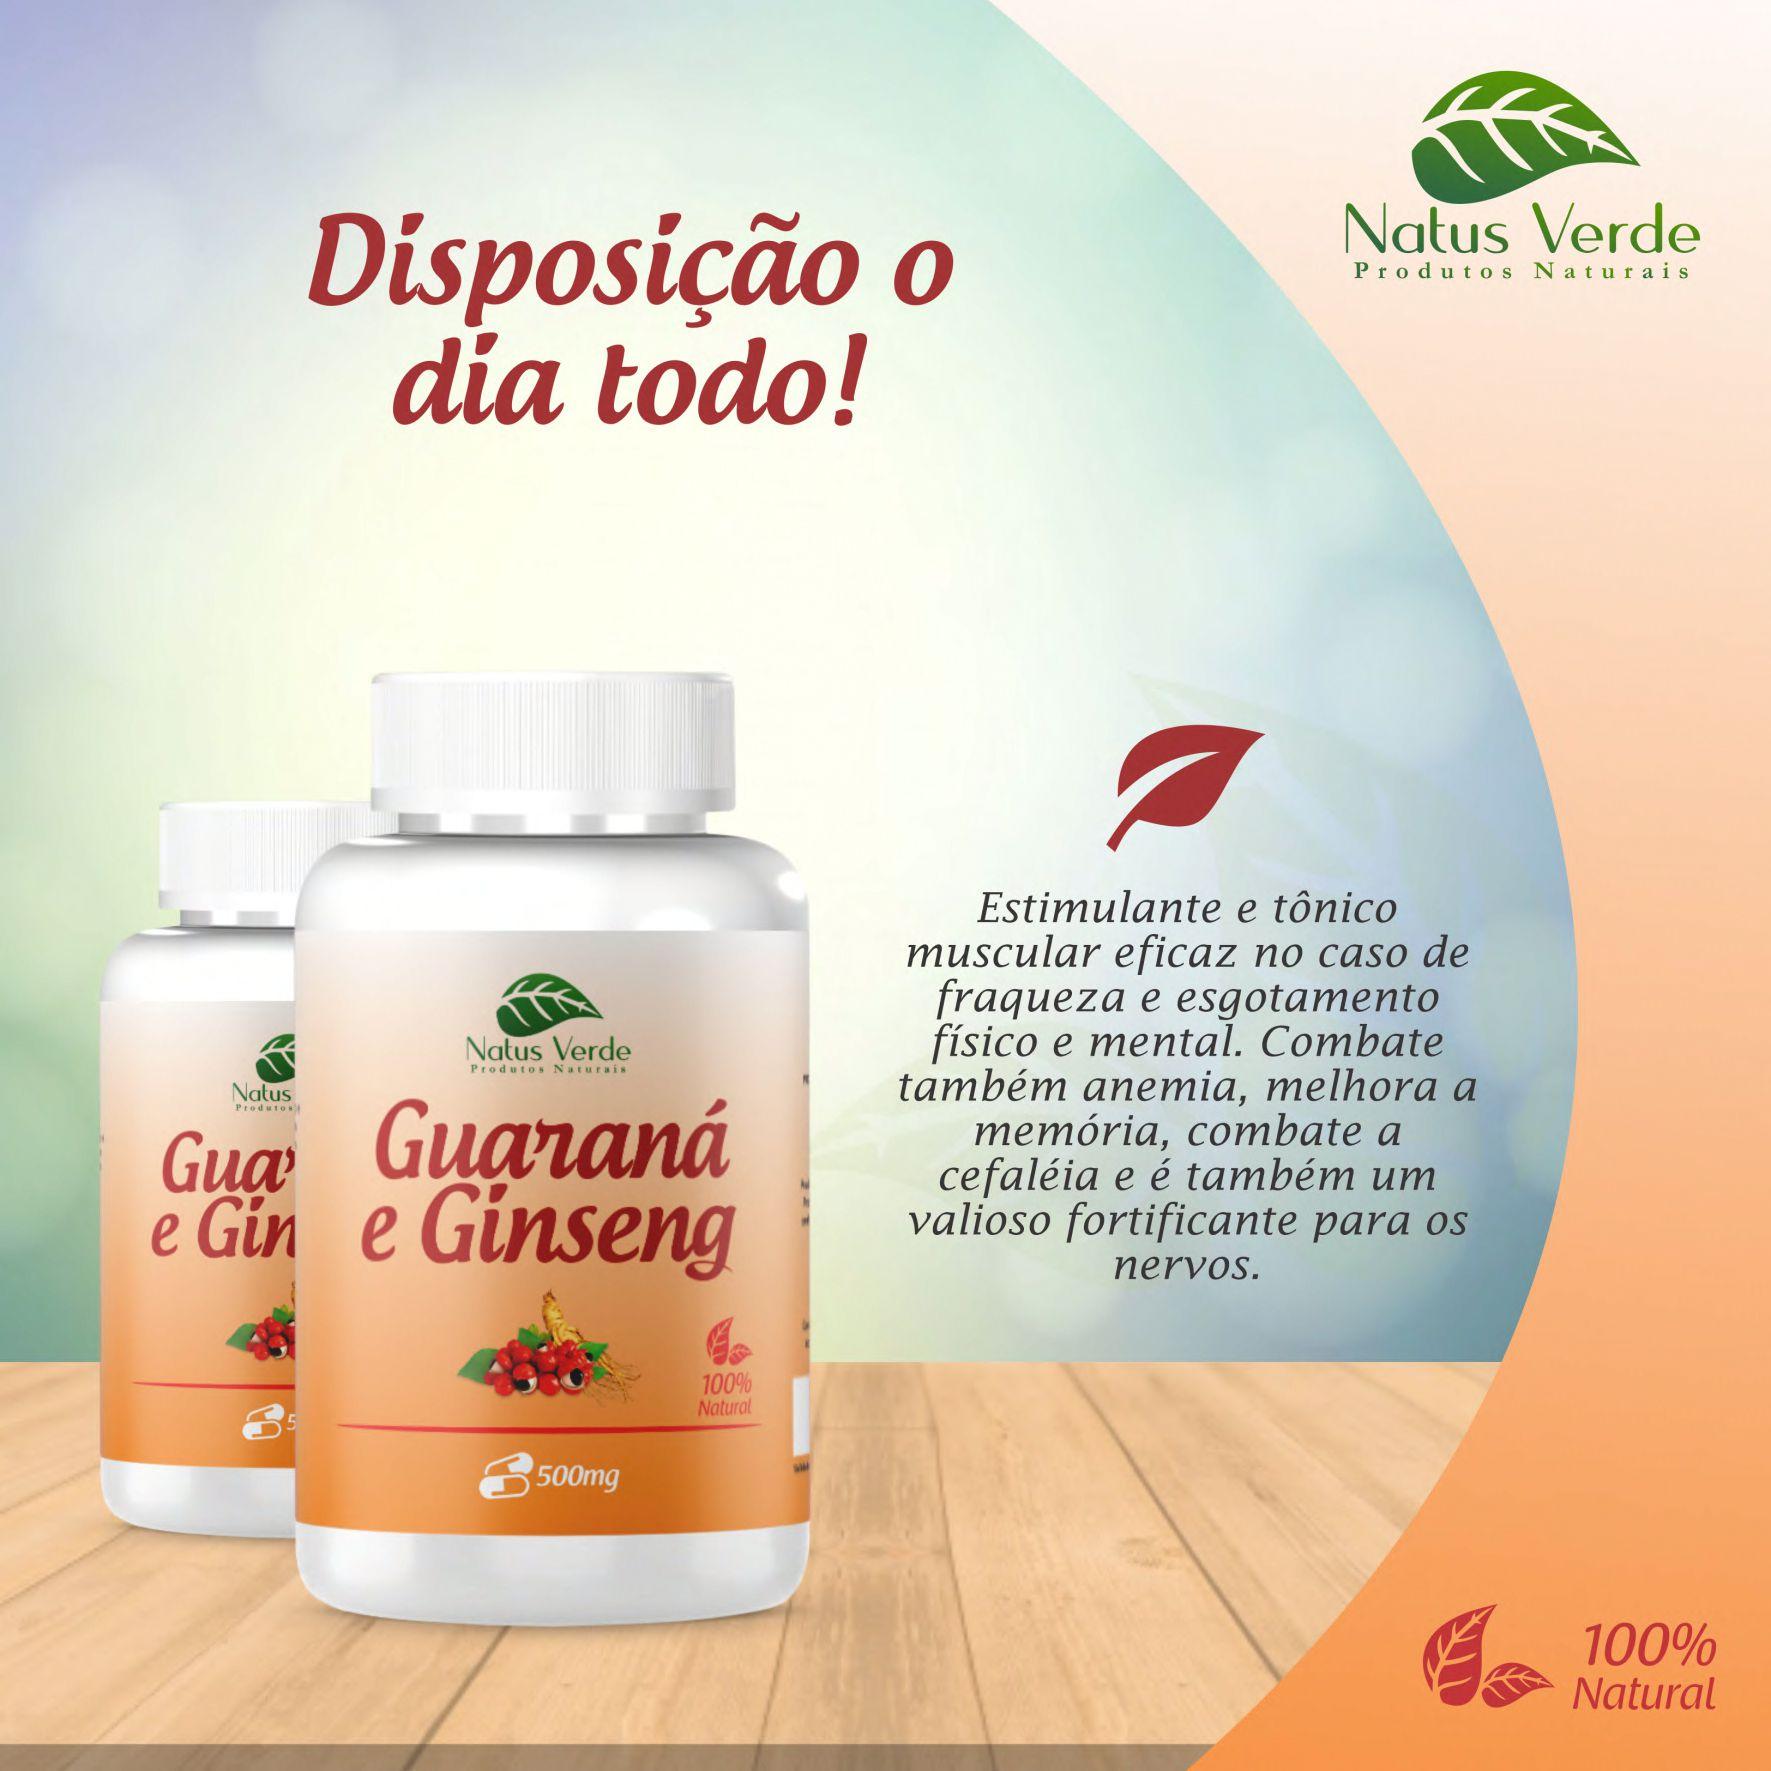 Energetico Natural  Guarana e Ginseng Natus Verdes  - Fribasex - Fabricasex.com